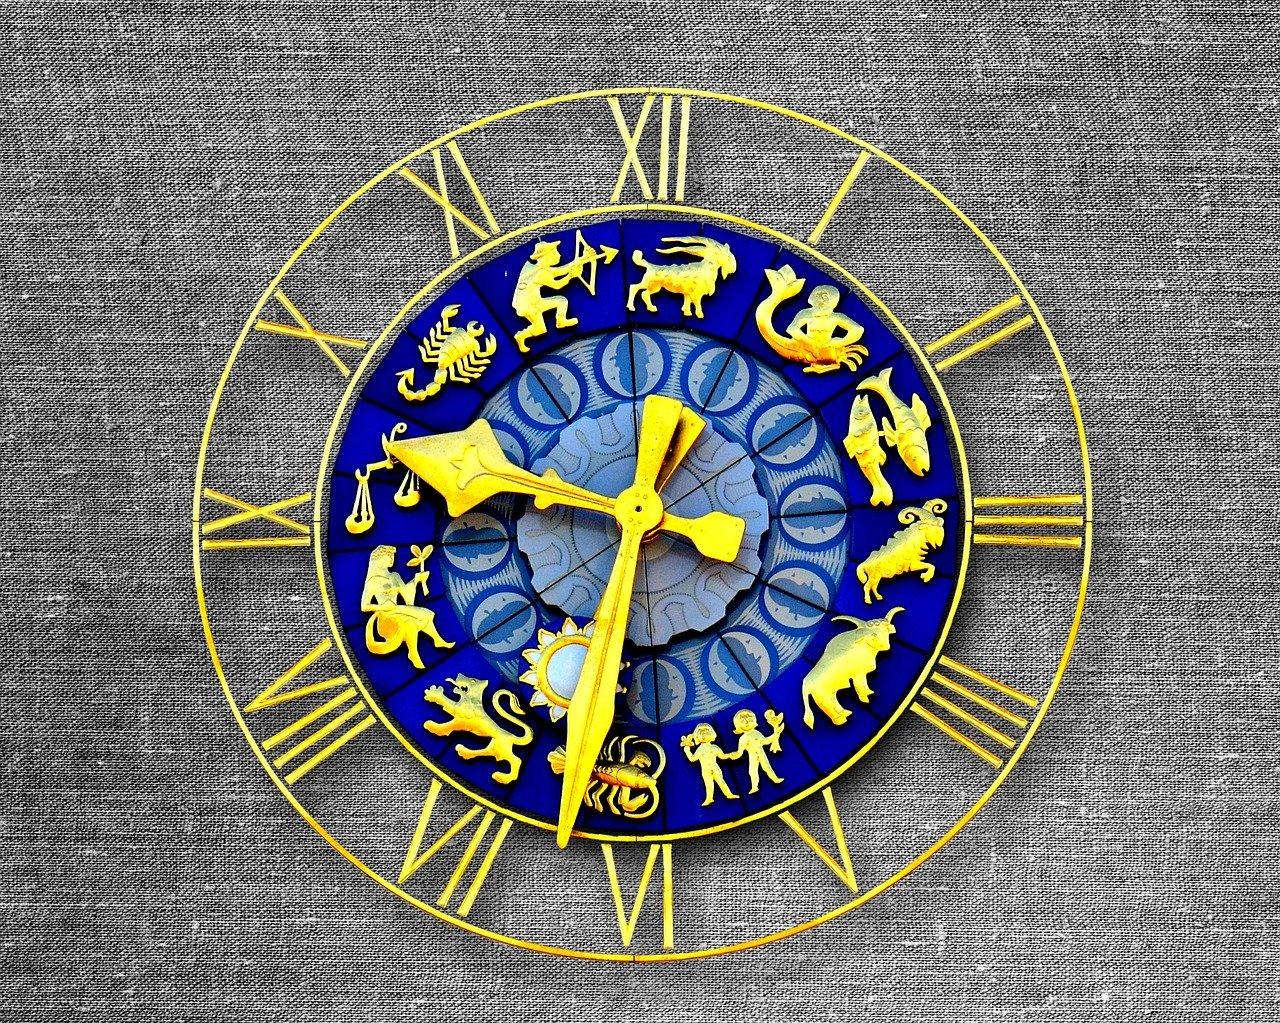 Perioada complicata pentru o zodie. Astrolog: Veti fi primii afectati!